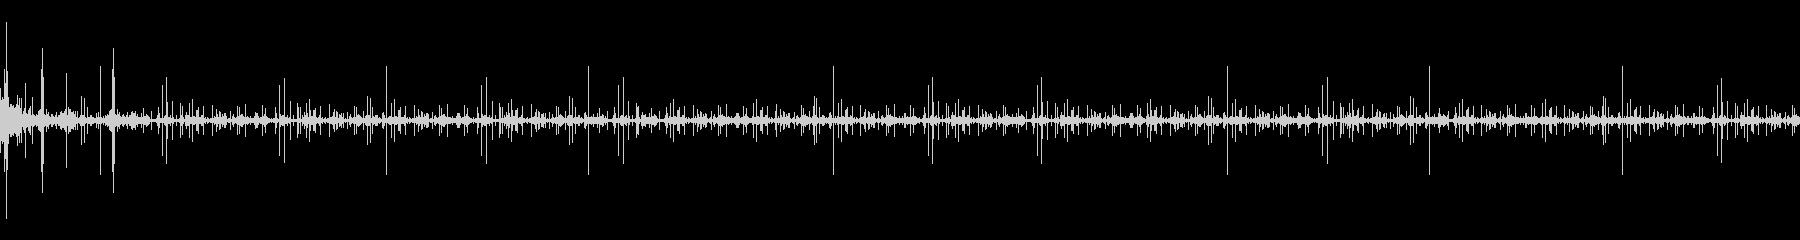 チリチリ、プチプチ:レコードノイズの音の未再生の波形